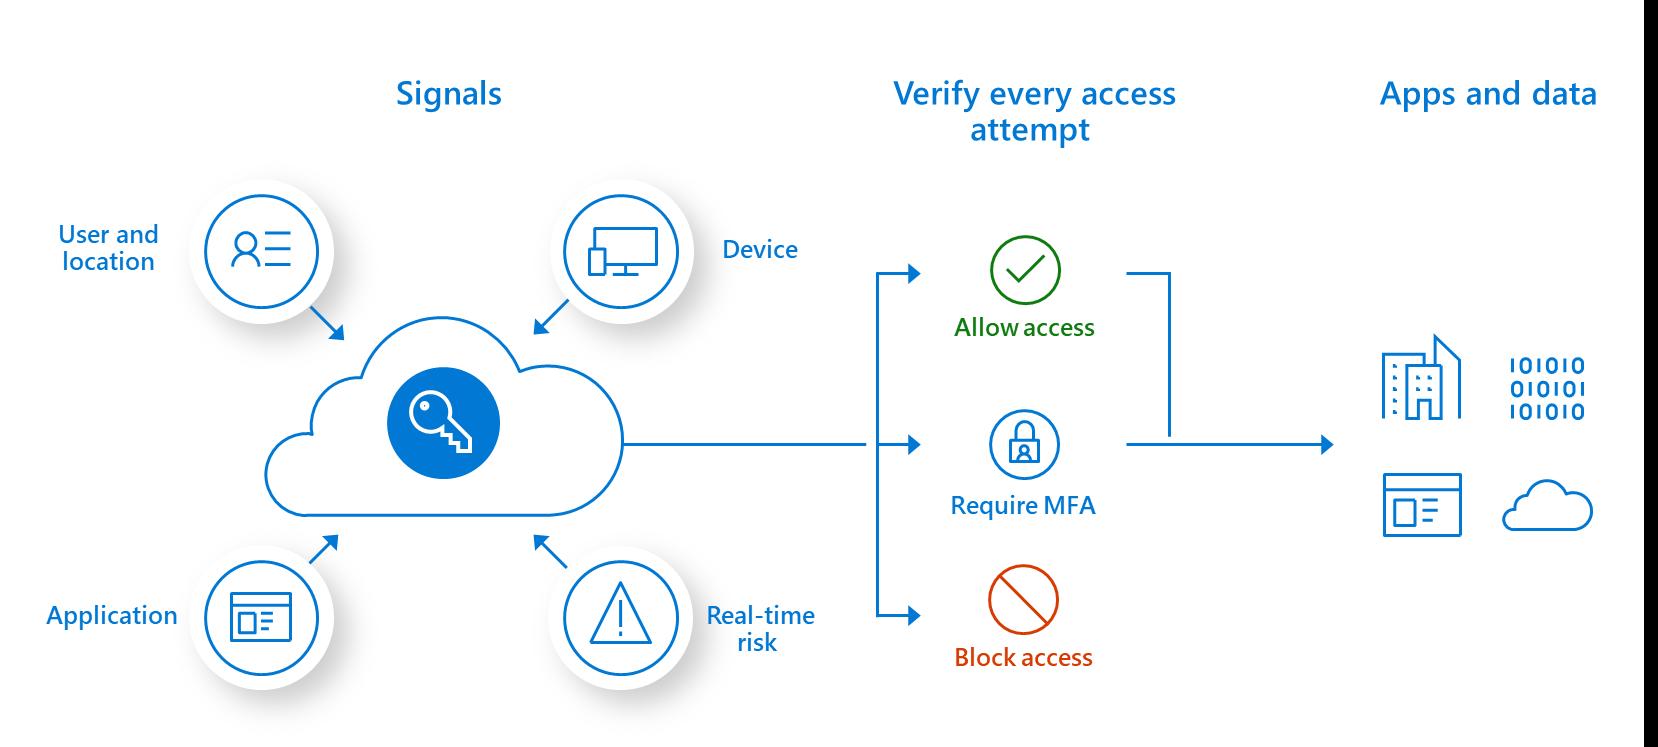 Infografik: Der bedingte Zugriff basiert auf Signalen (Benutzerstandort, Gerät, Echtzeitrisiko, Anwendung), der Verifizierung von Zugriffsversuchen (Zugriff zulassen, MFA anfordern oder Zugriff blockieren) sowie Anwendungen und Daten.